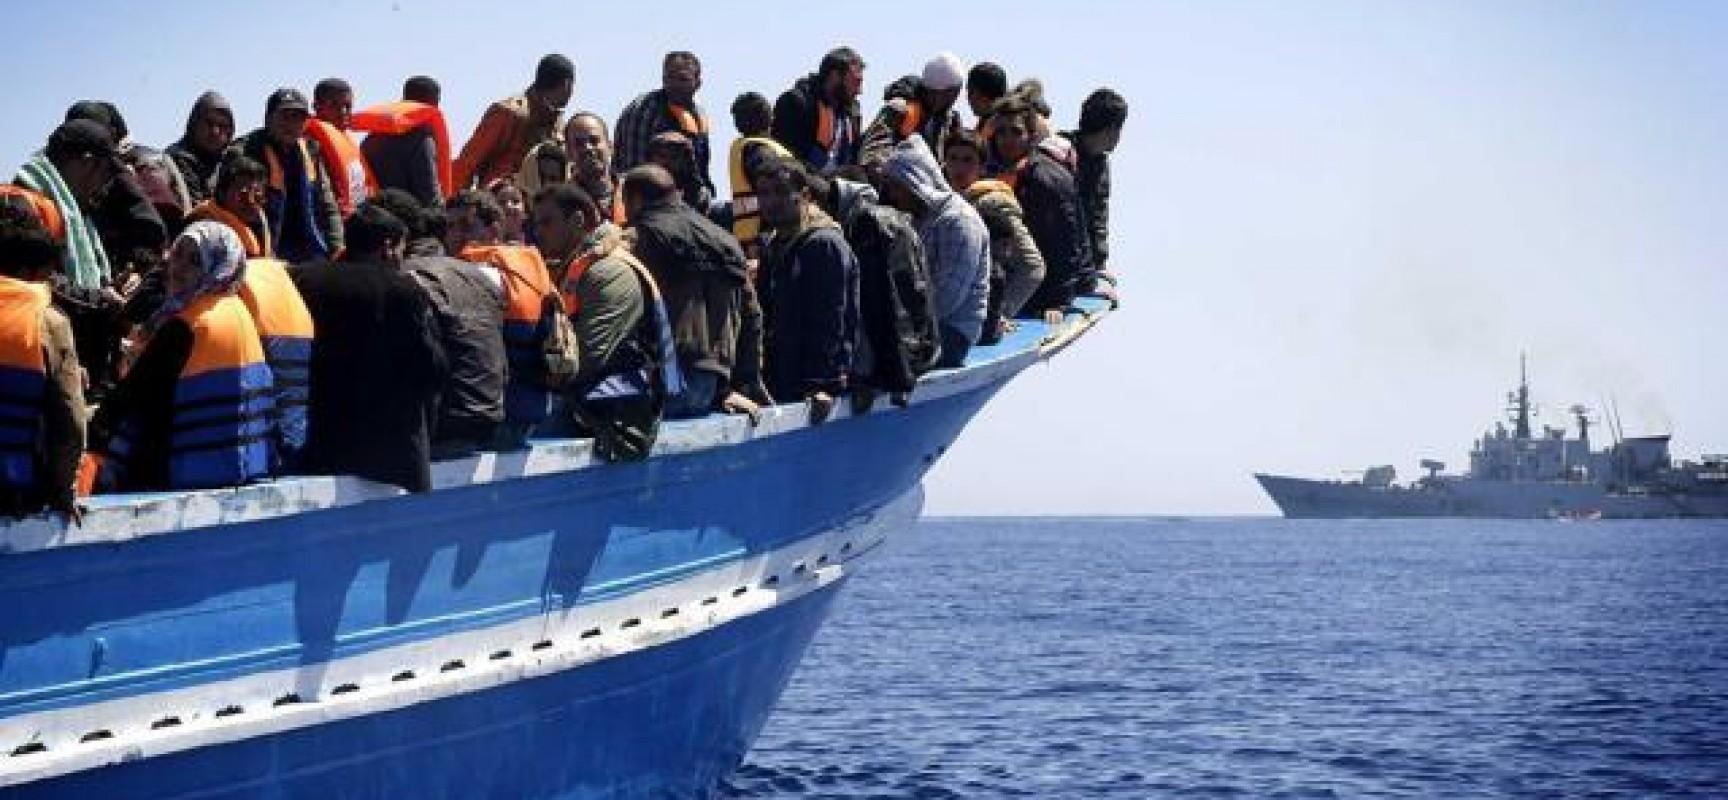 Nuova tragedia dell'immigrazione nel canale di Sicilia: nove le vittime